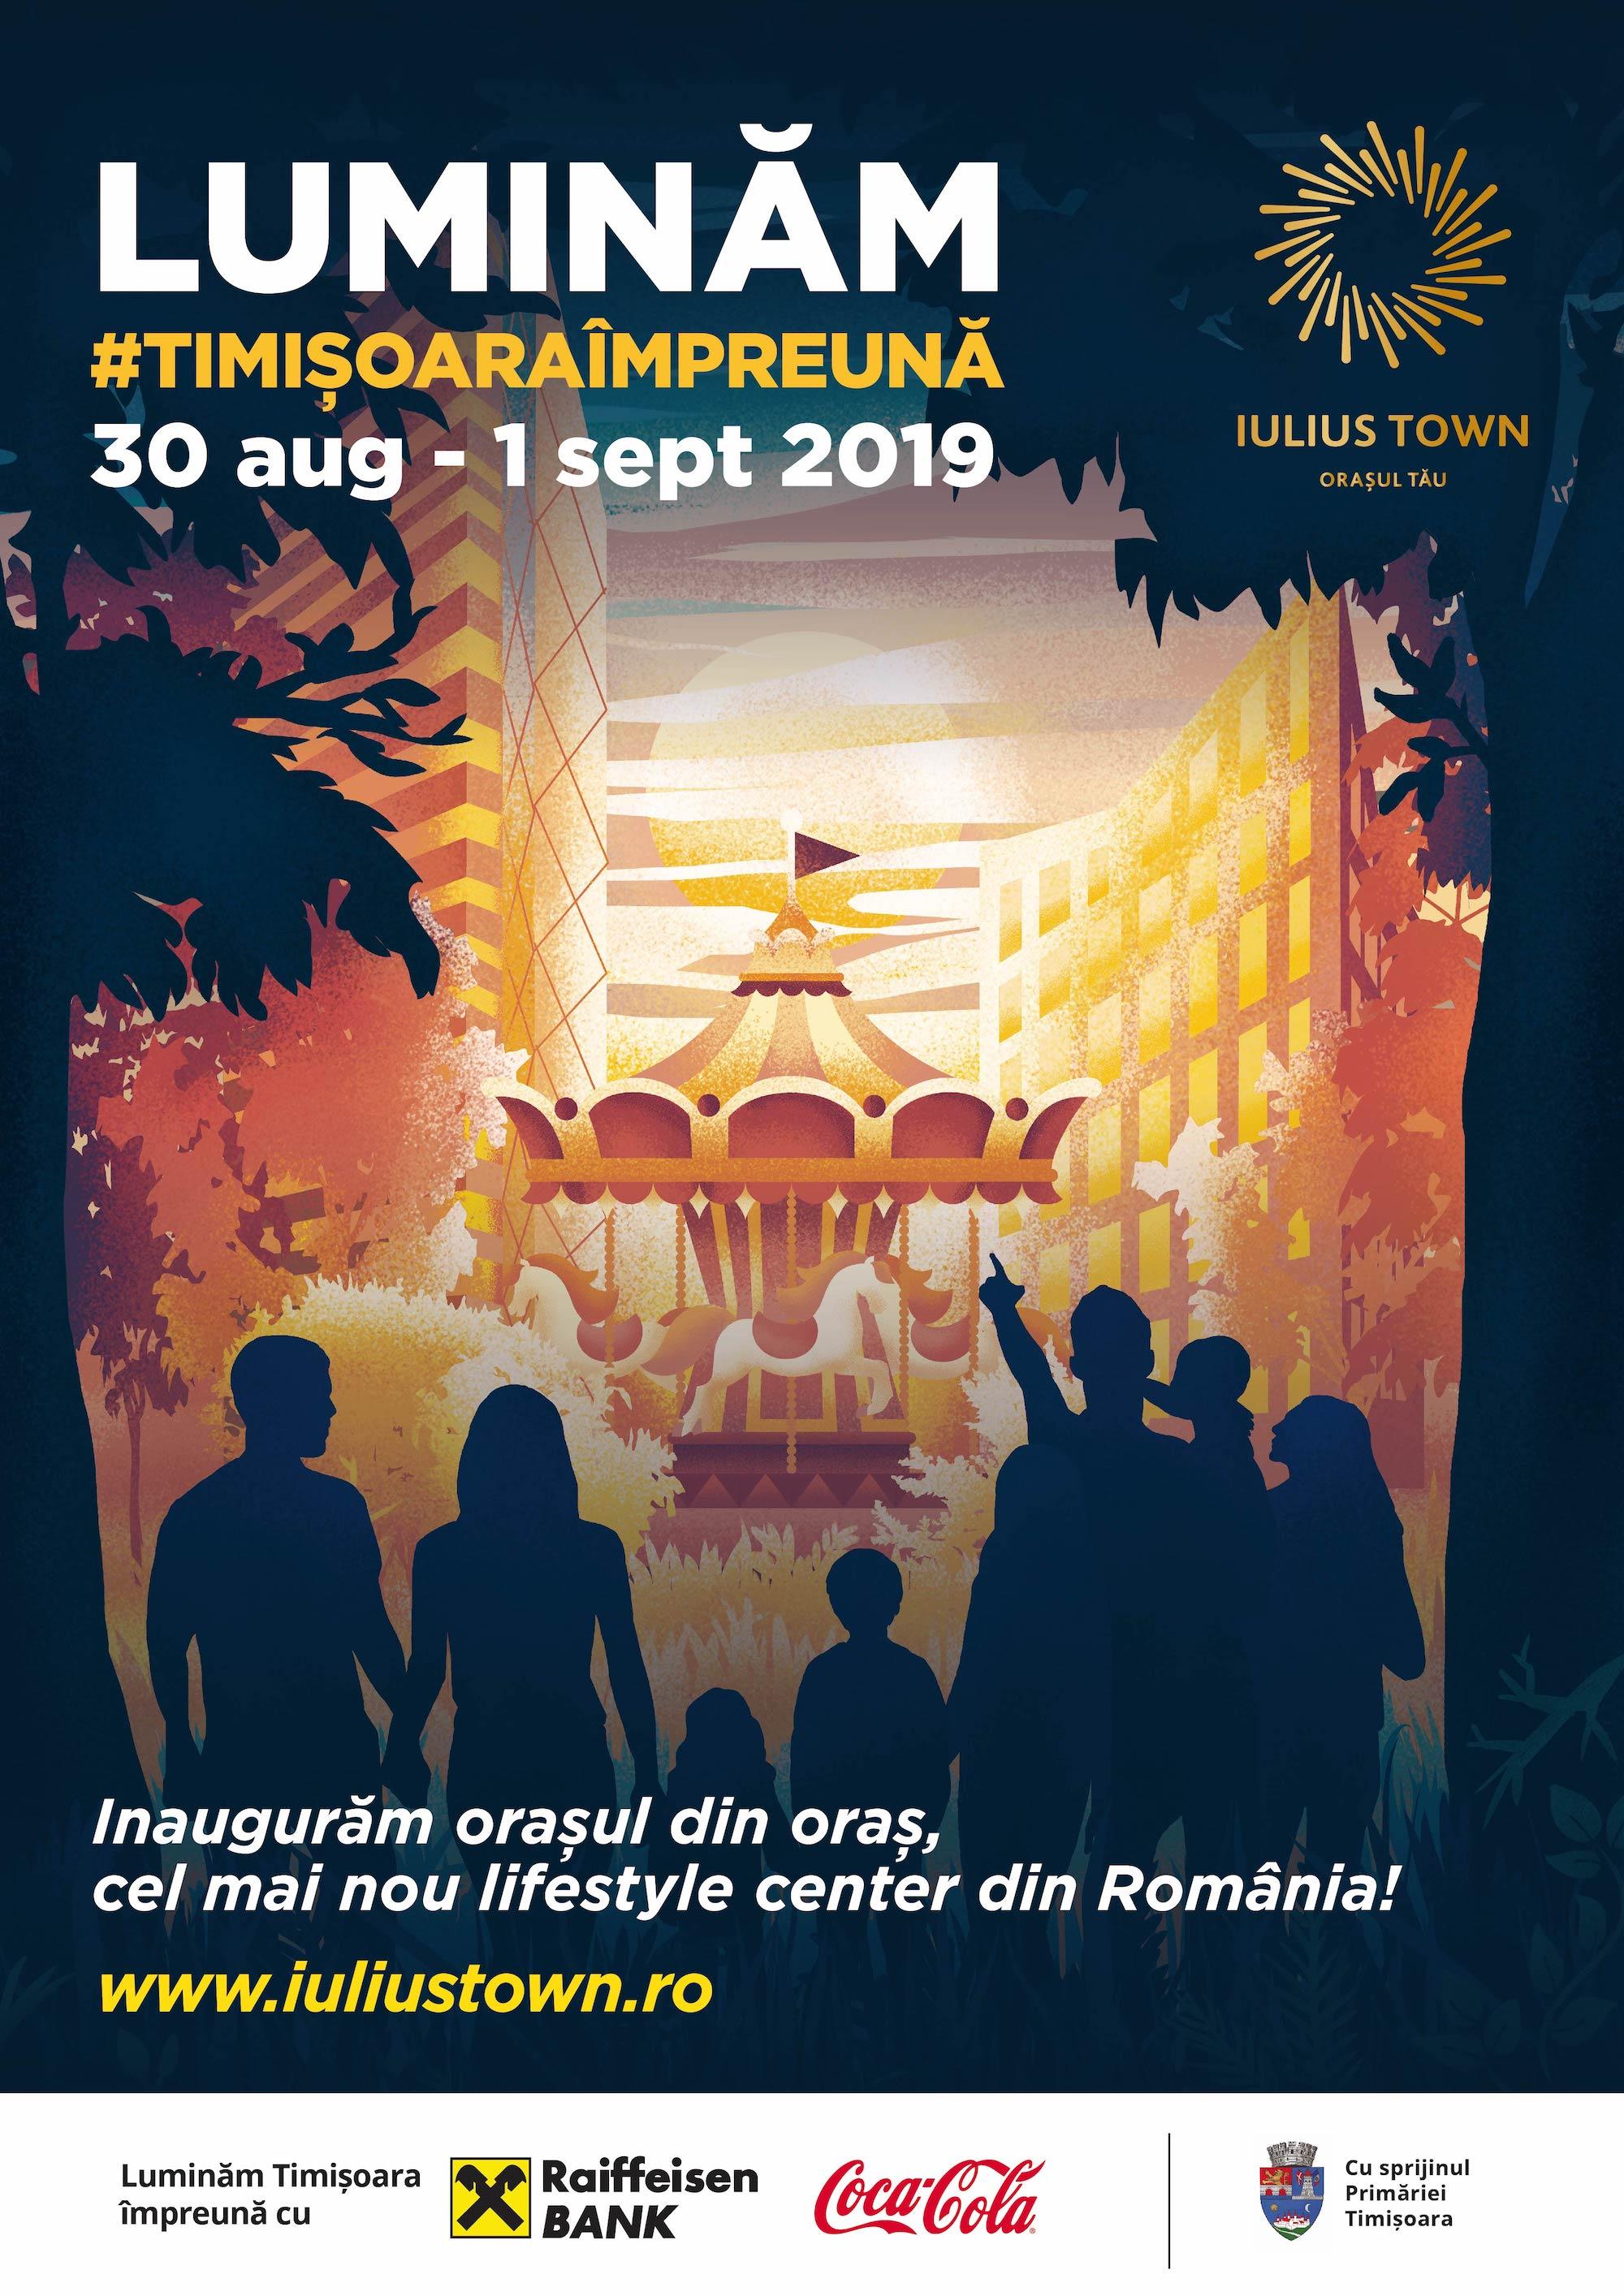 Iulius Town inaugurare